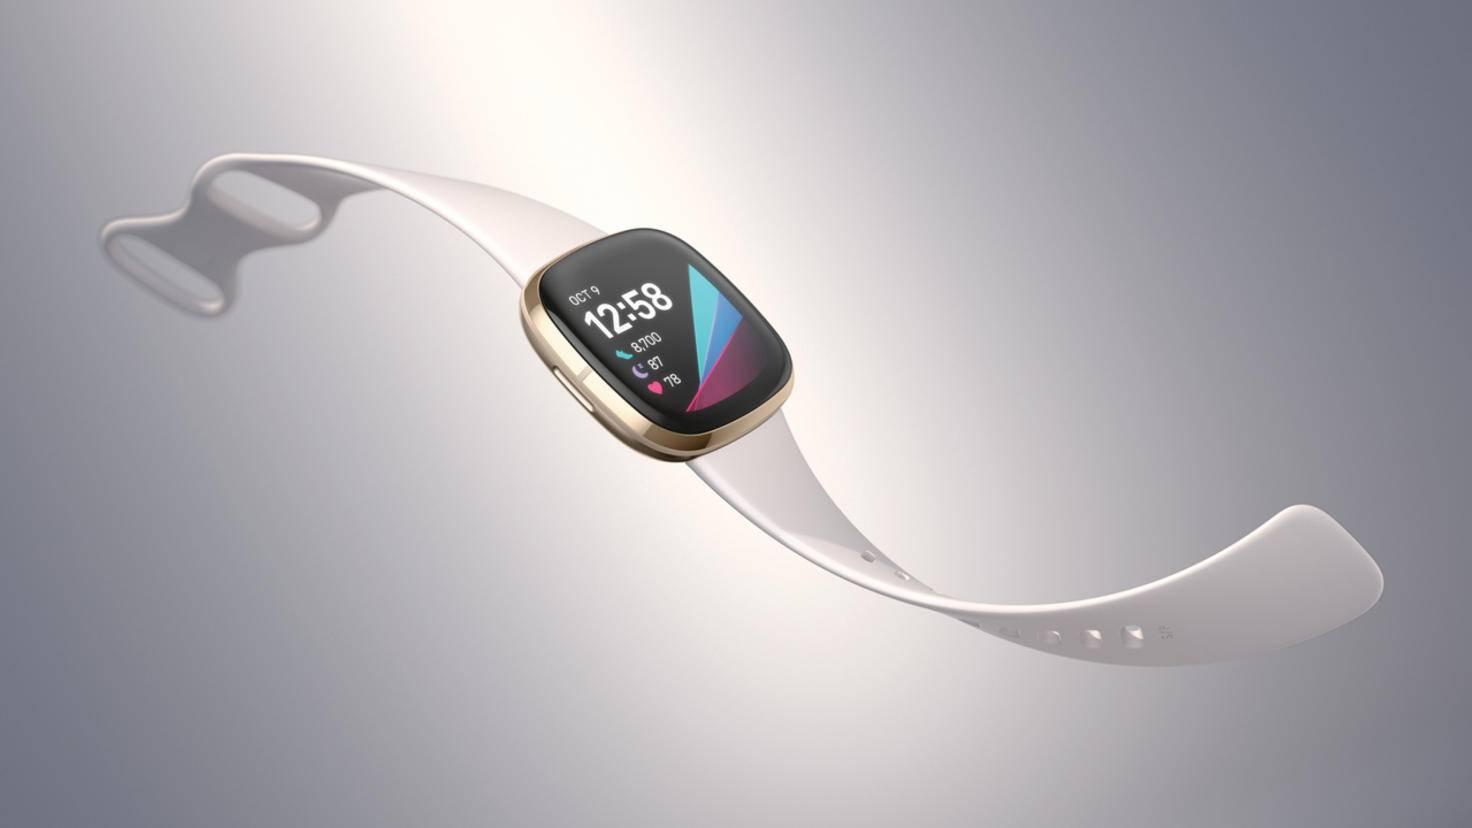 Fitbit bietet die Sense mit zwei verschiedenen Gehäusefarben an.